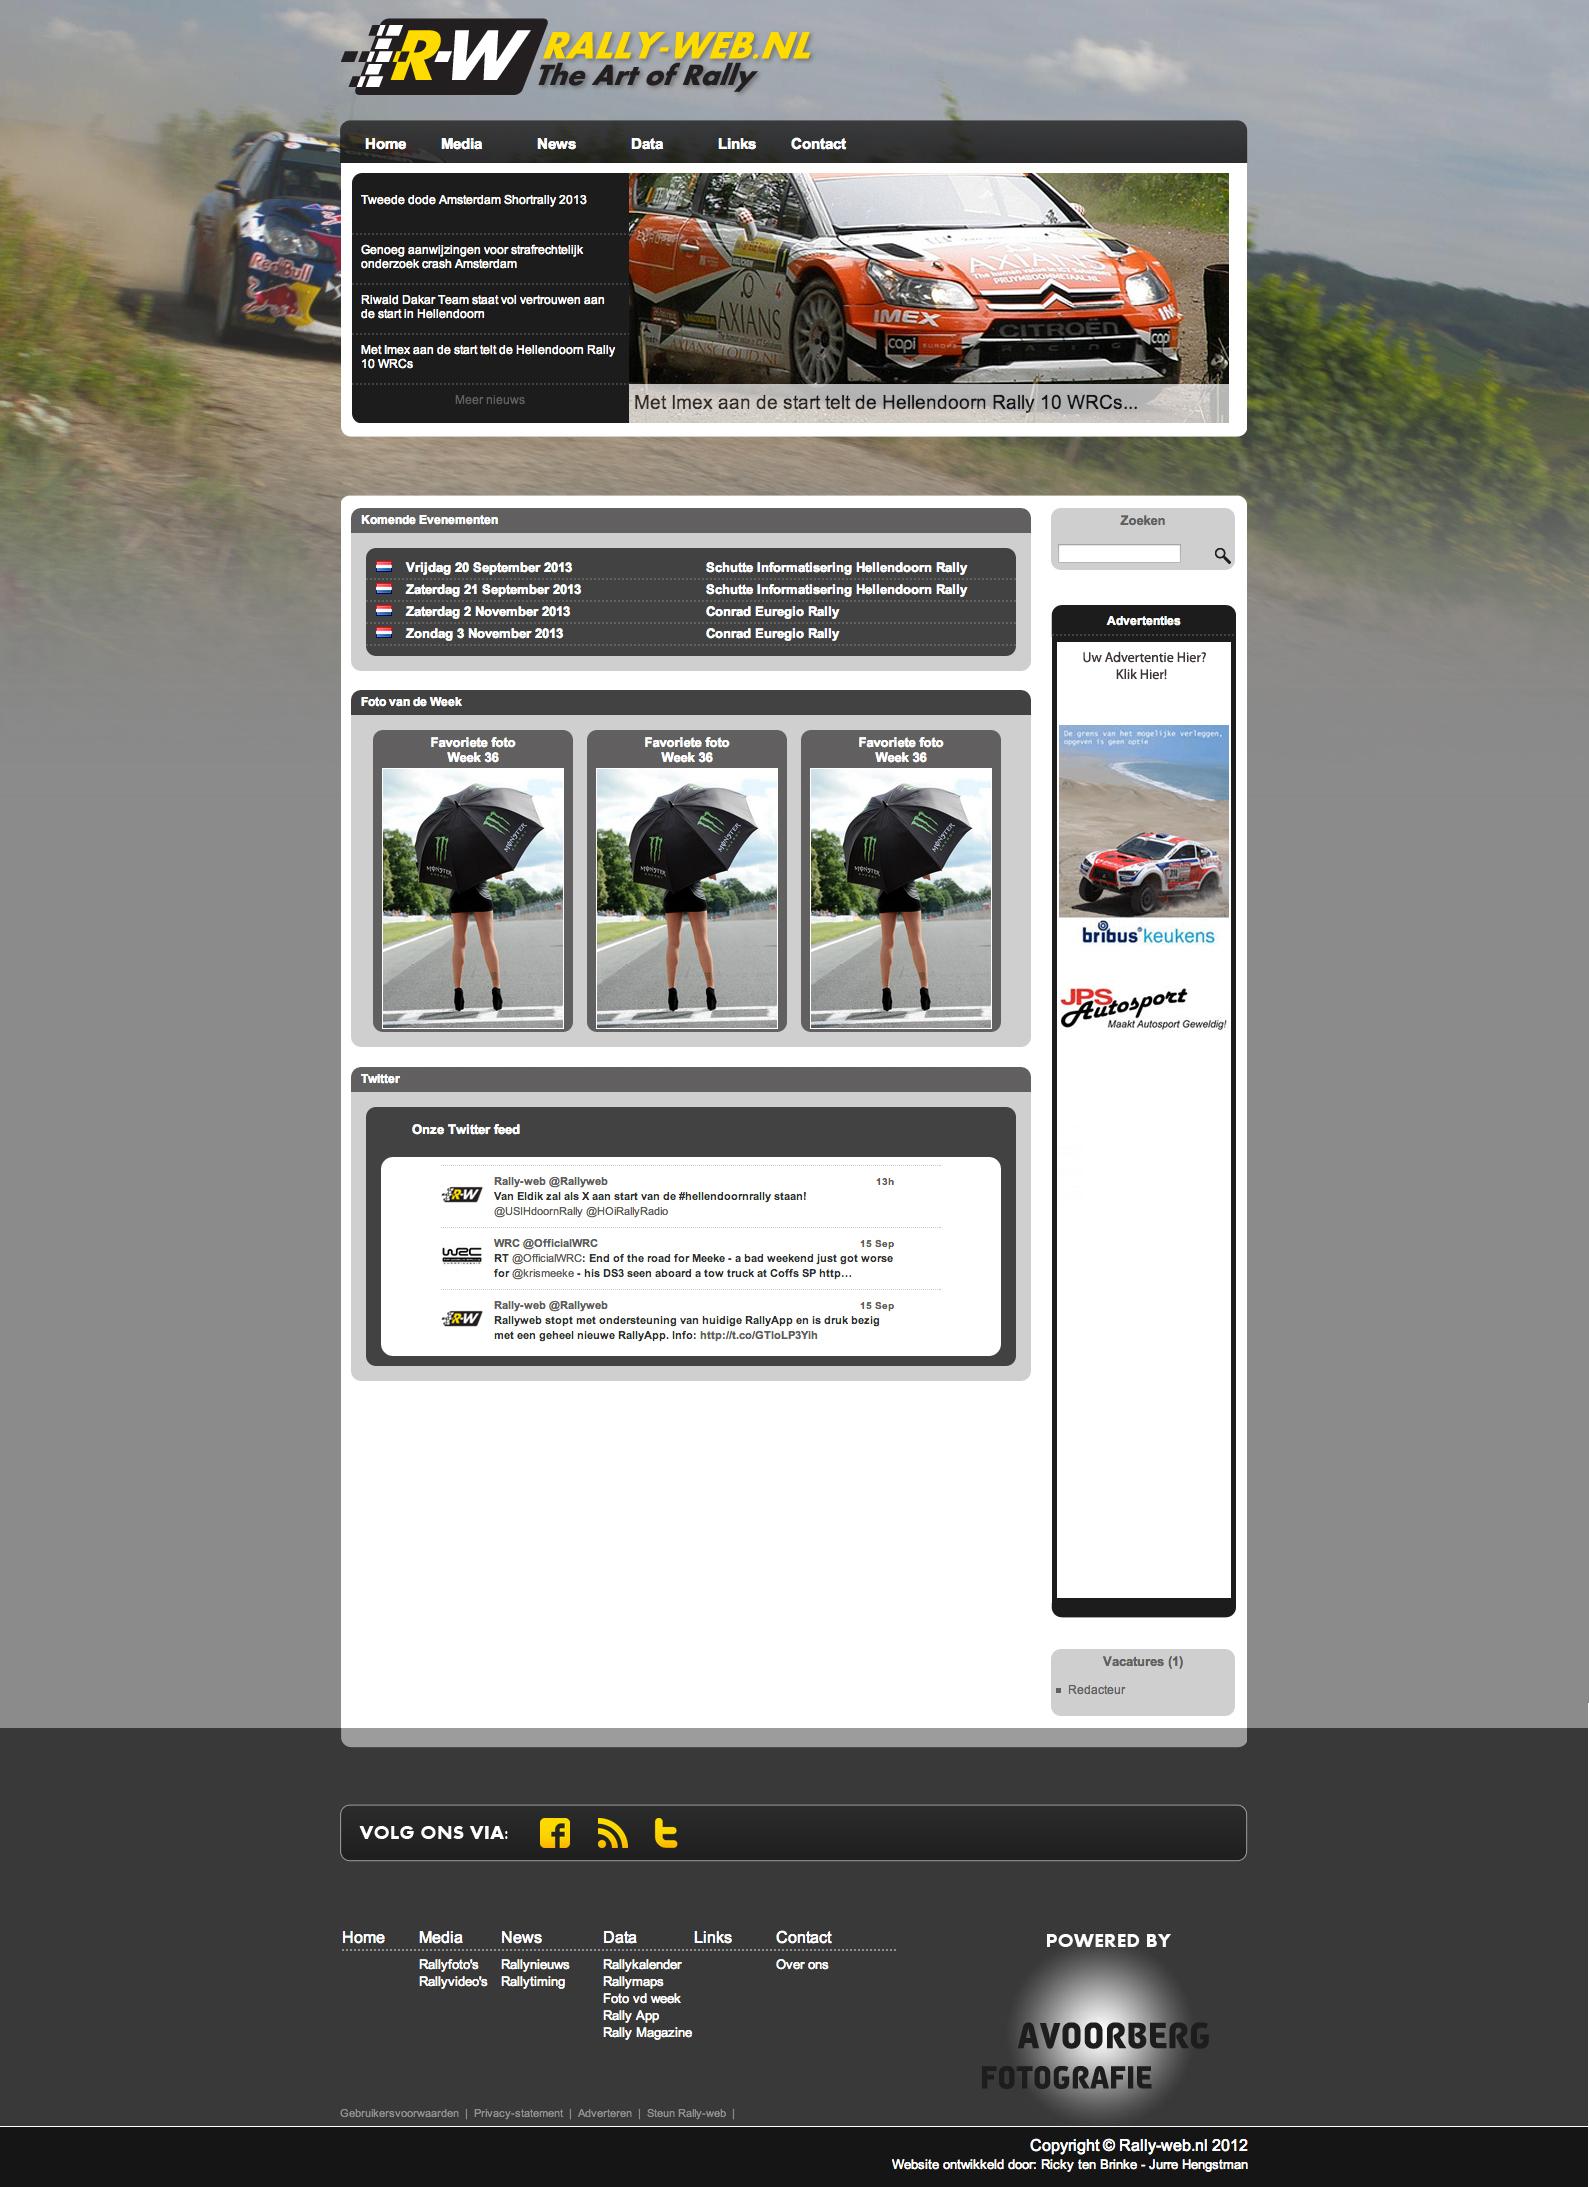 Rally-Web.nl